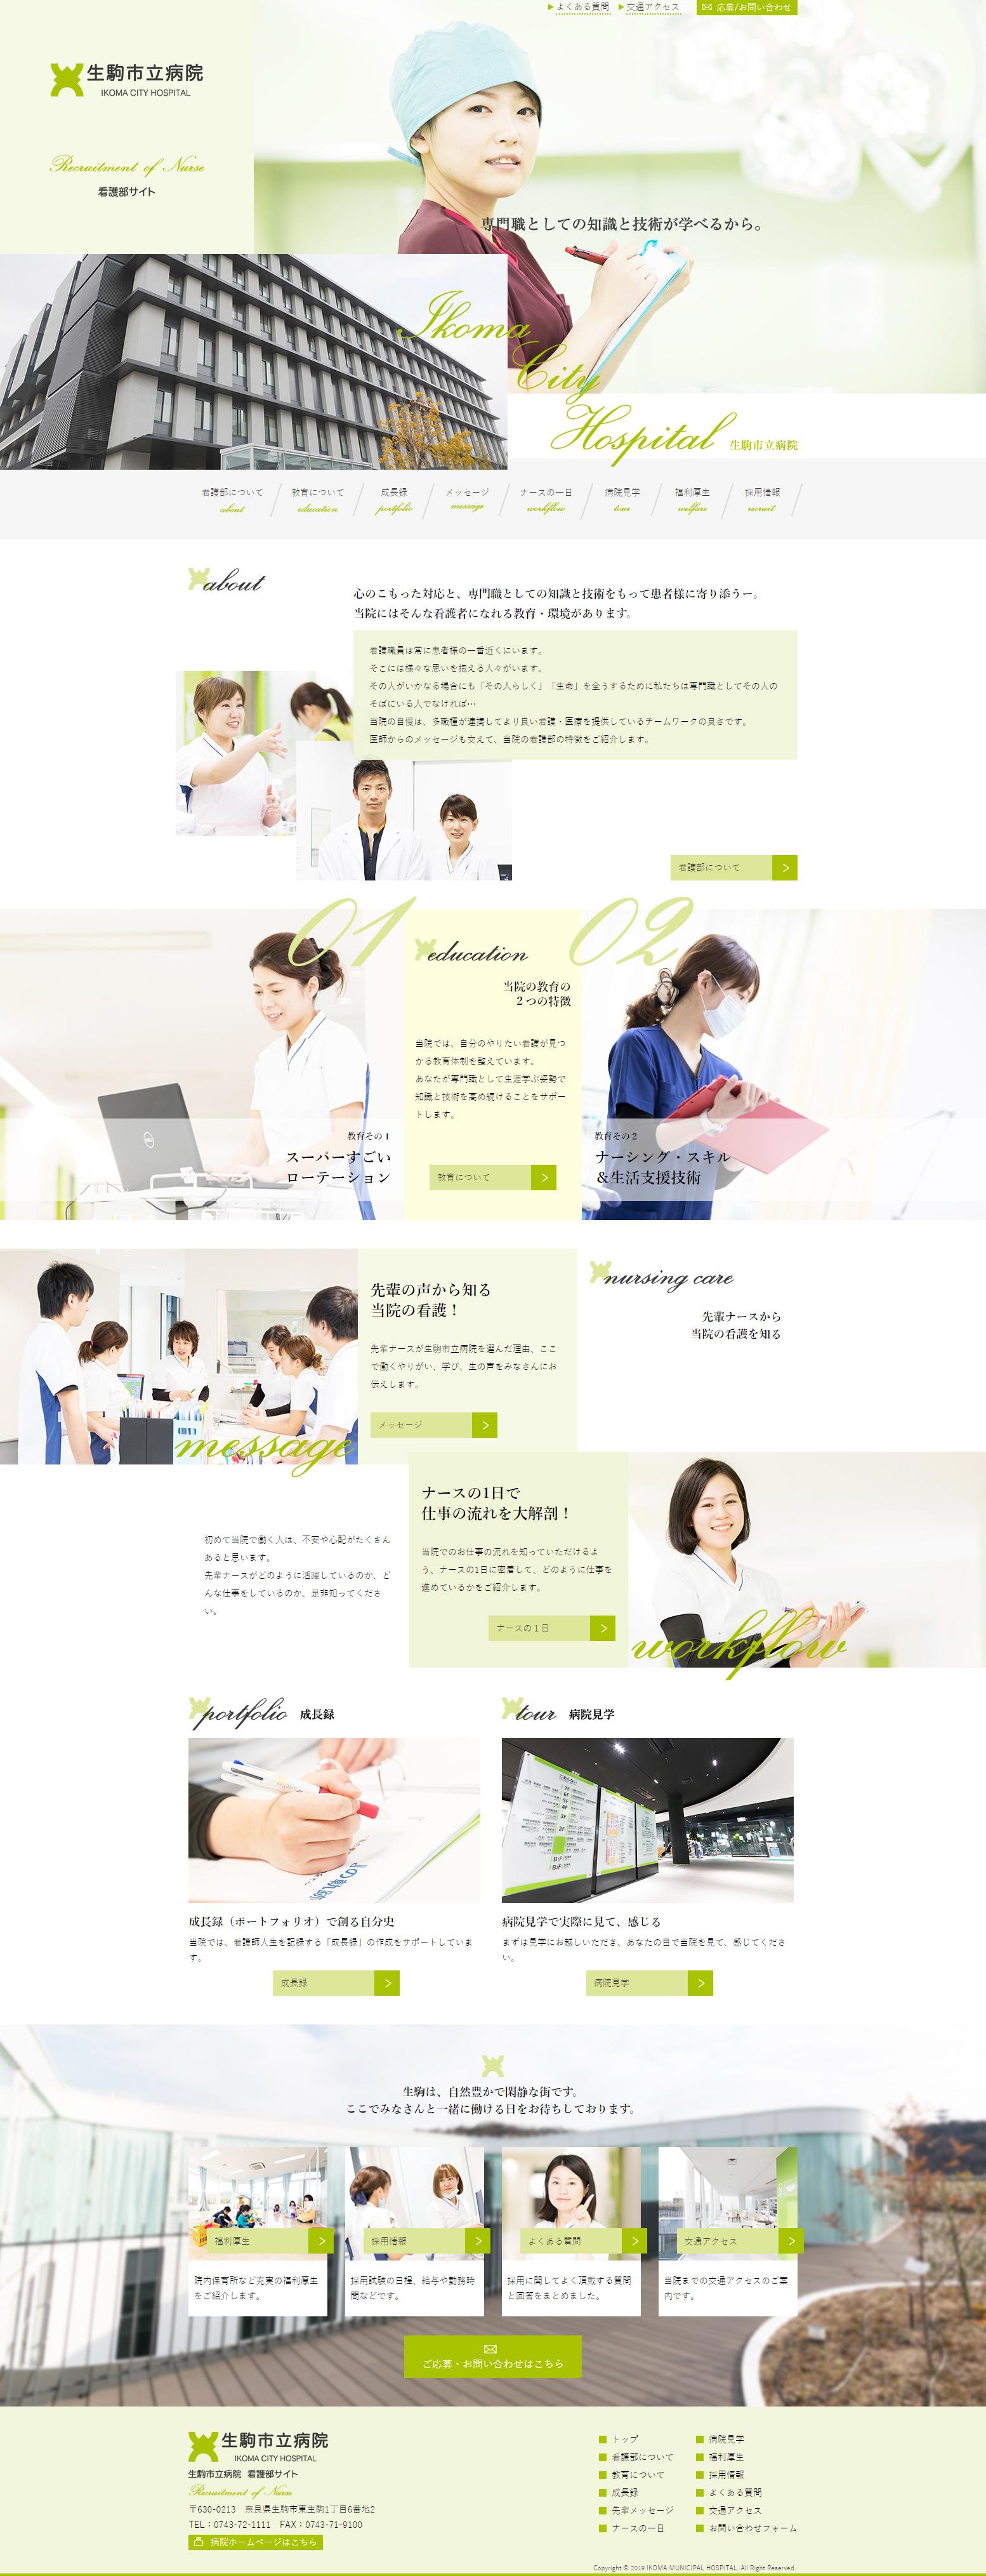 2018年4月作成「生駒市立病院」看護部サイト